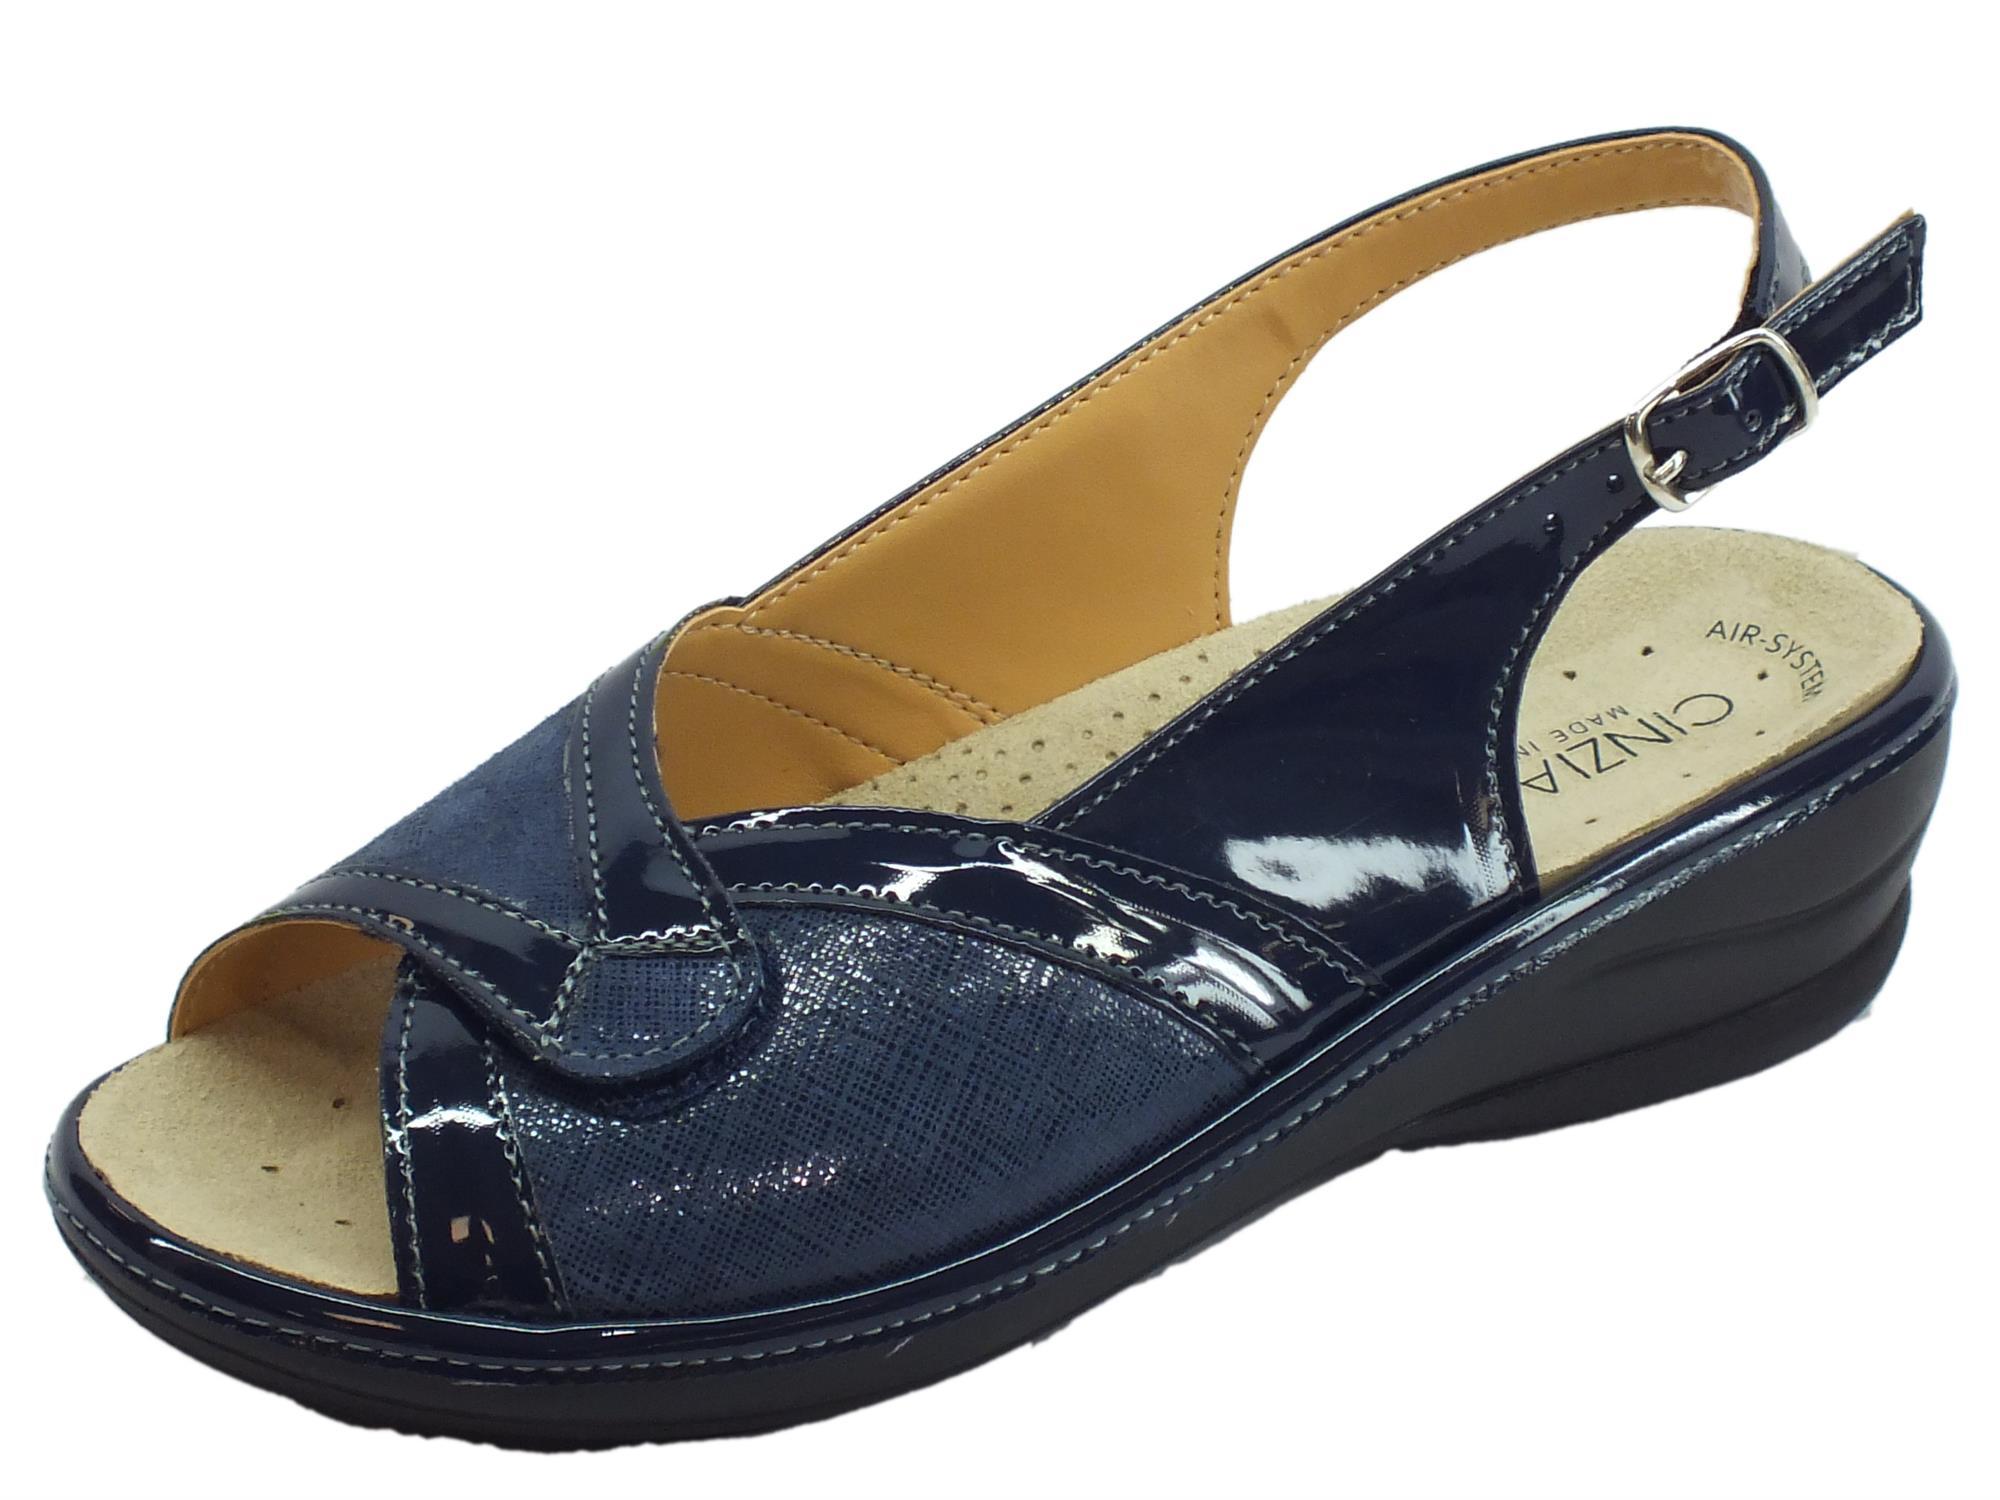 f24a9eed0388c Cinzia Soft sandali linea comoda vernice e tessuto elasticizzato blu fondo  antiscivolo